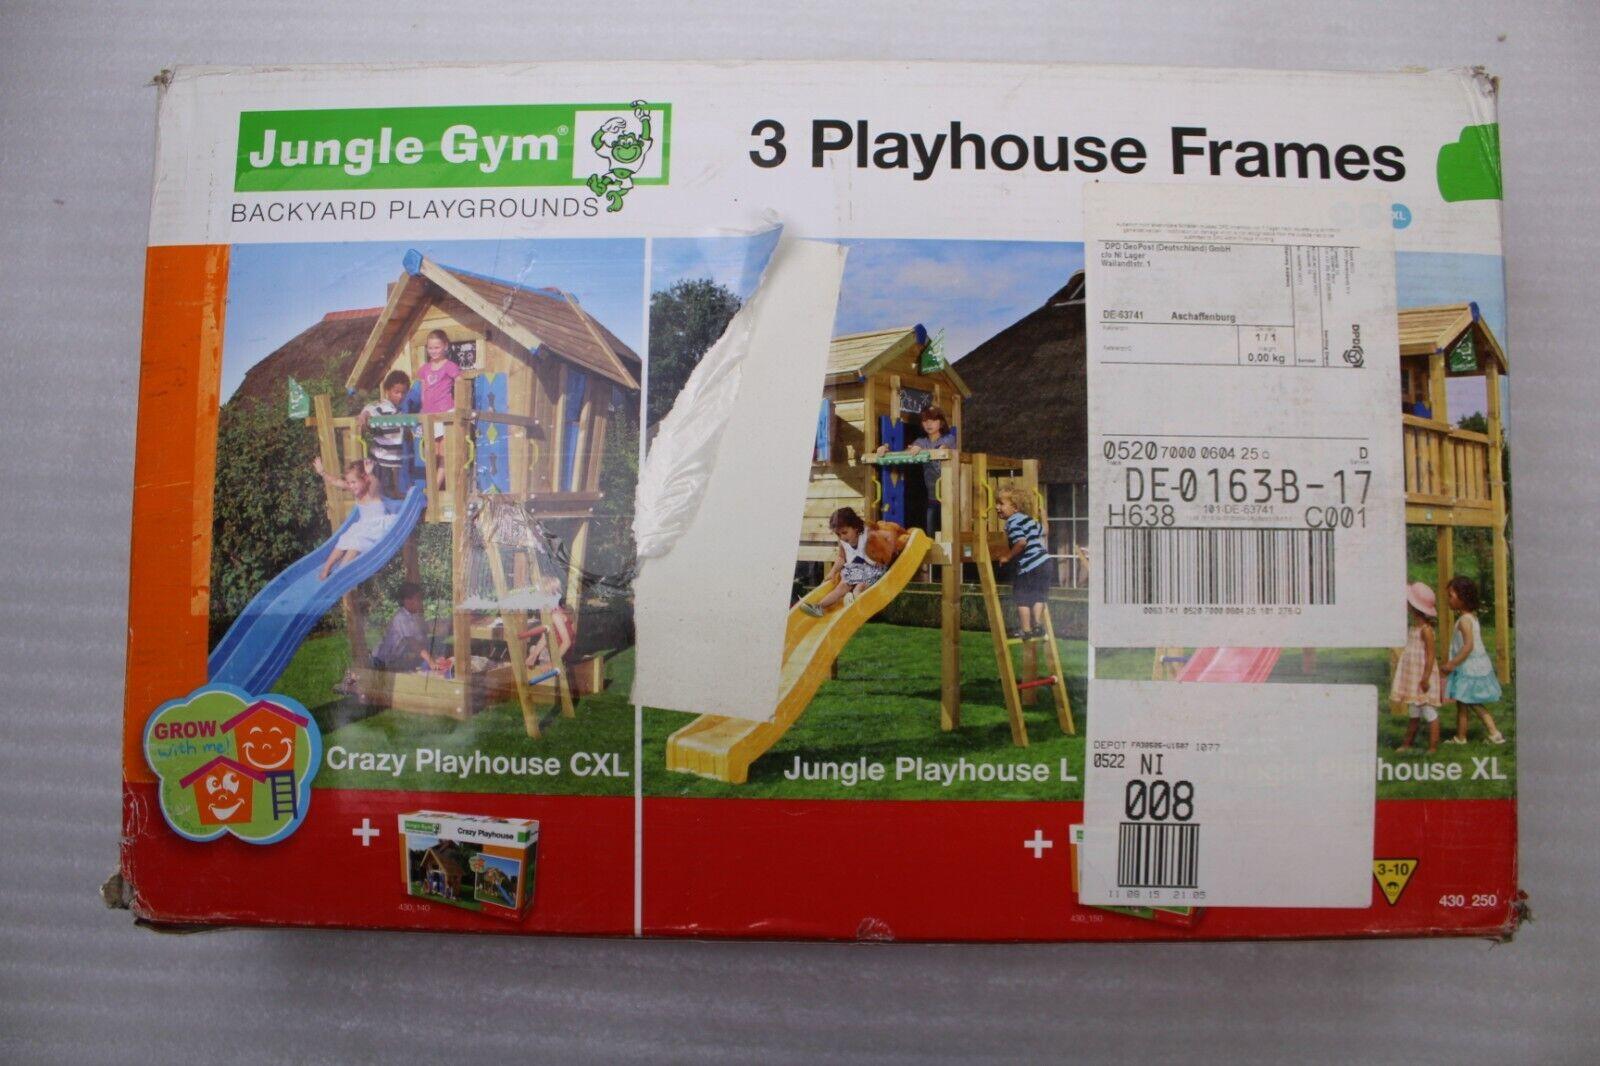 Jungle Gym 2 Casa de Juegos Marco Accesorio Kit 430250 para Cxl   L XL Nuevo